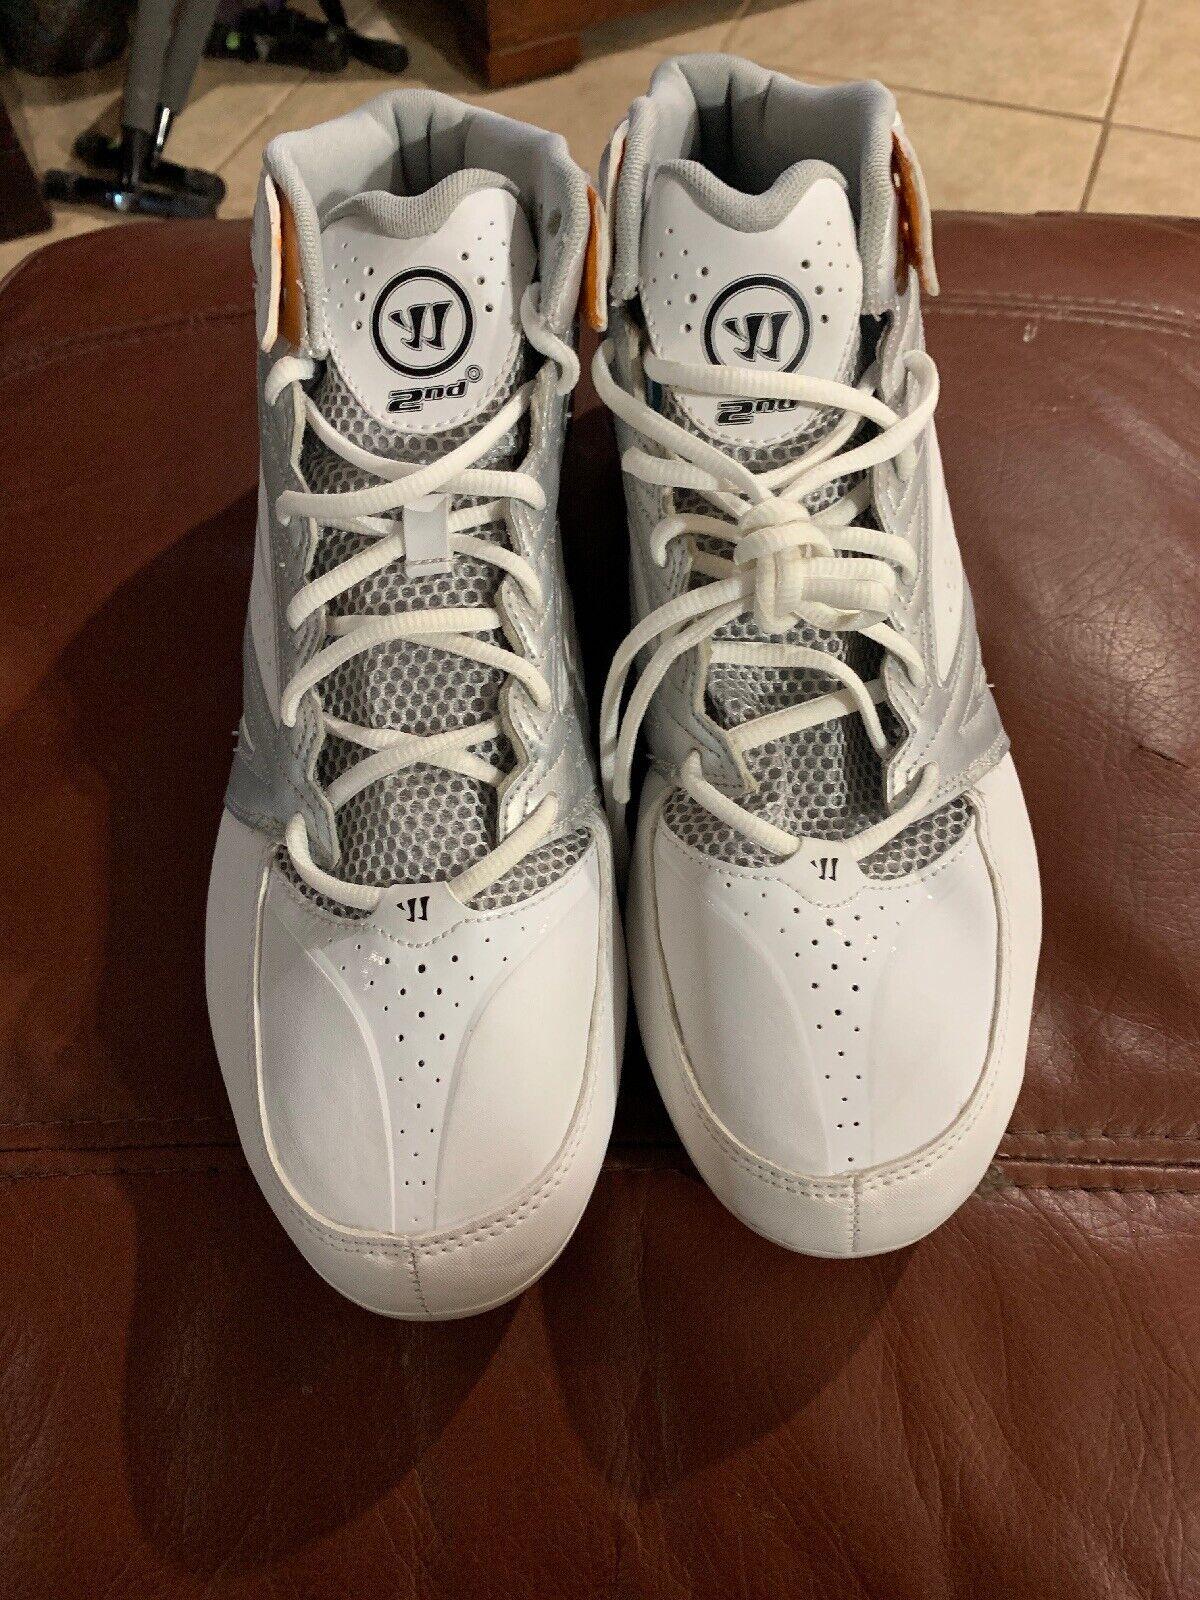 c2576f830 Men s Warrior Lacrosse Degree 3.0 Cleats Size 14 New Second  nnzbpz1636-Footwear